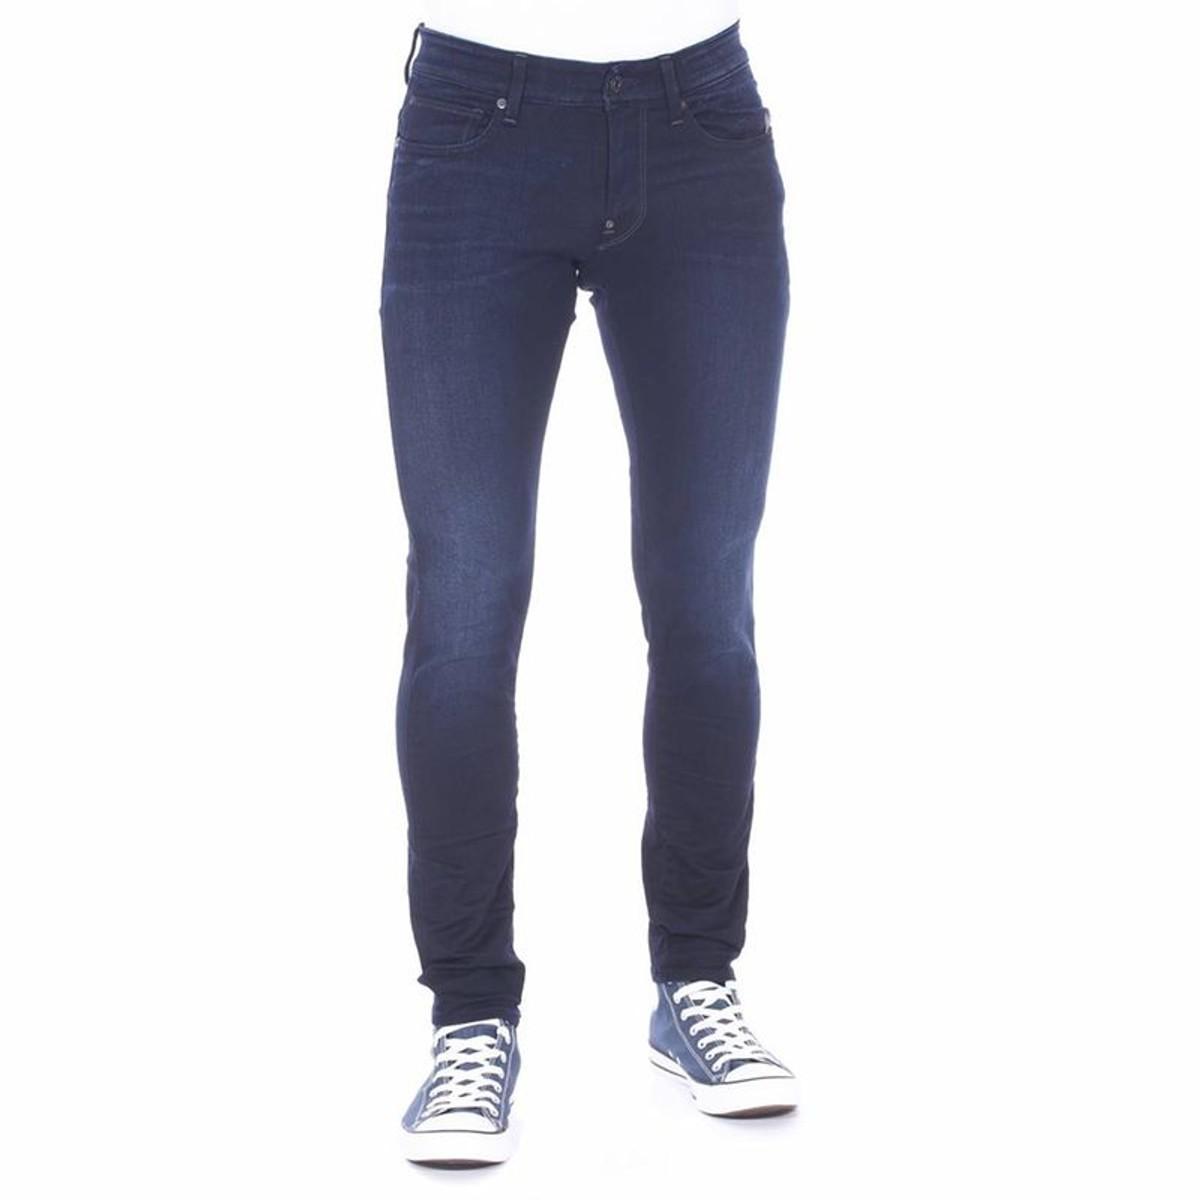 Jeans G Star Revend Super Slim Bleu Fonce Delave Homme Taille 29 32 30 31 28 33 27 36 38 36 34 Jeans G Star